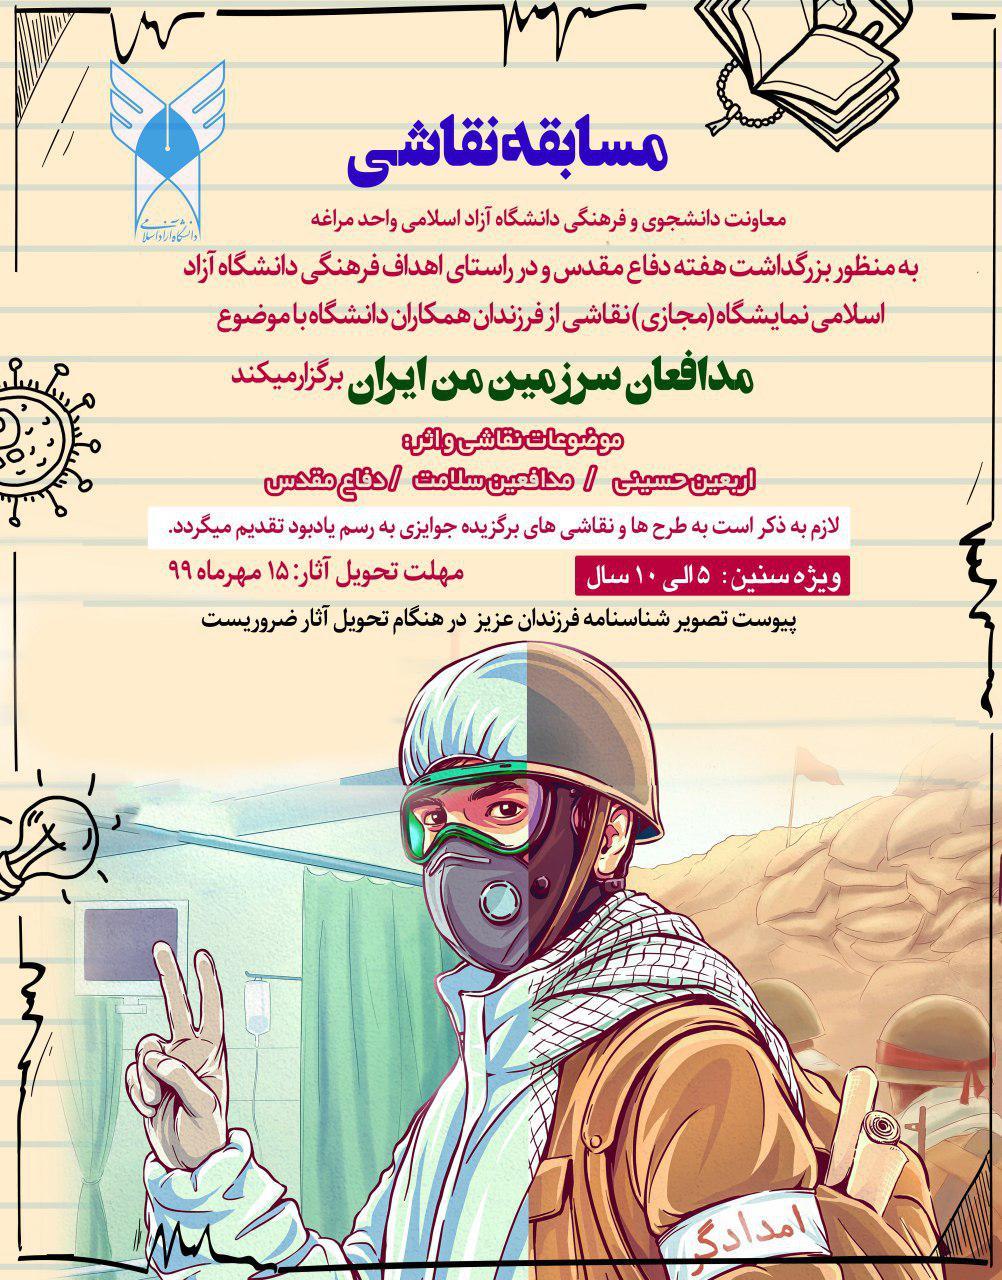 برگزاری کارگاه مجازی نقاشی با عنوان (مدافعان سرزمین من ایران)